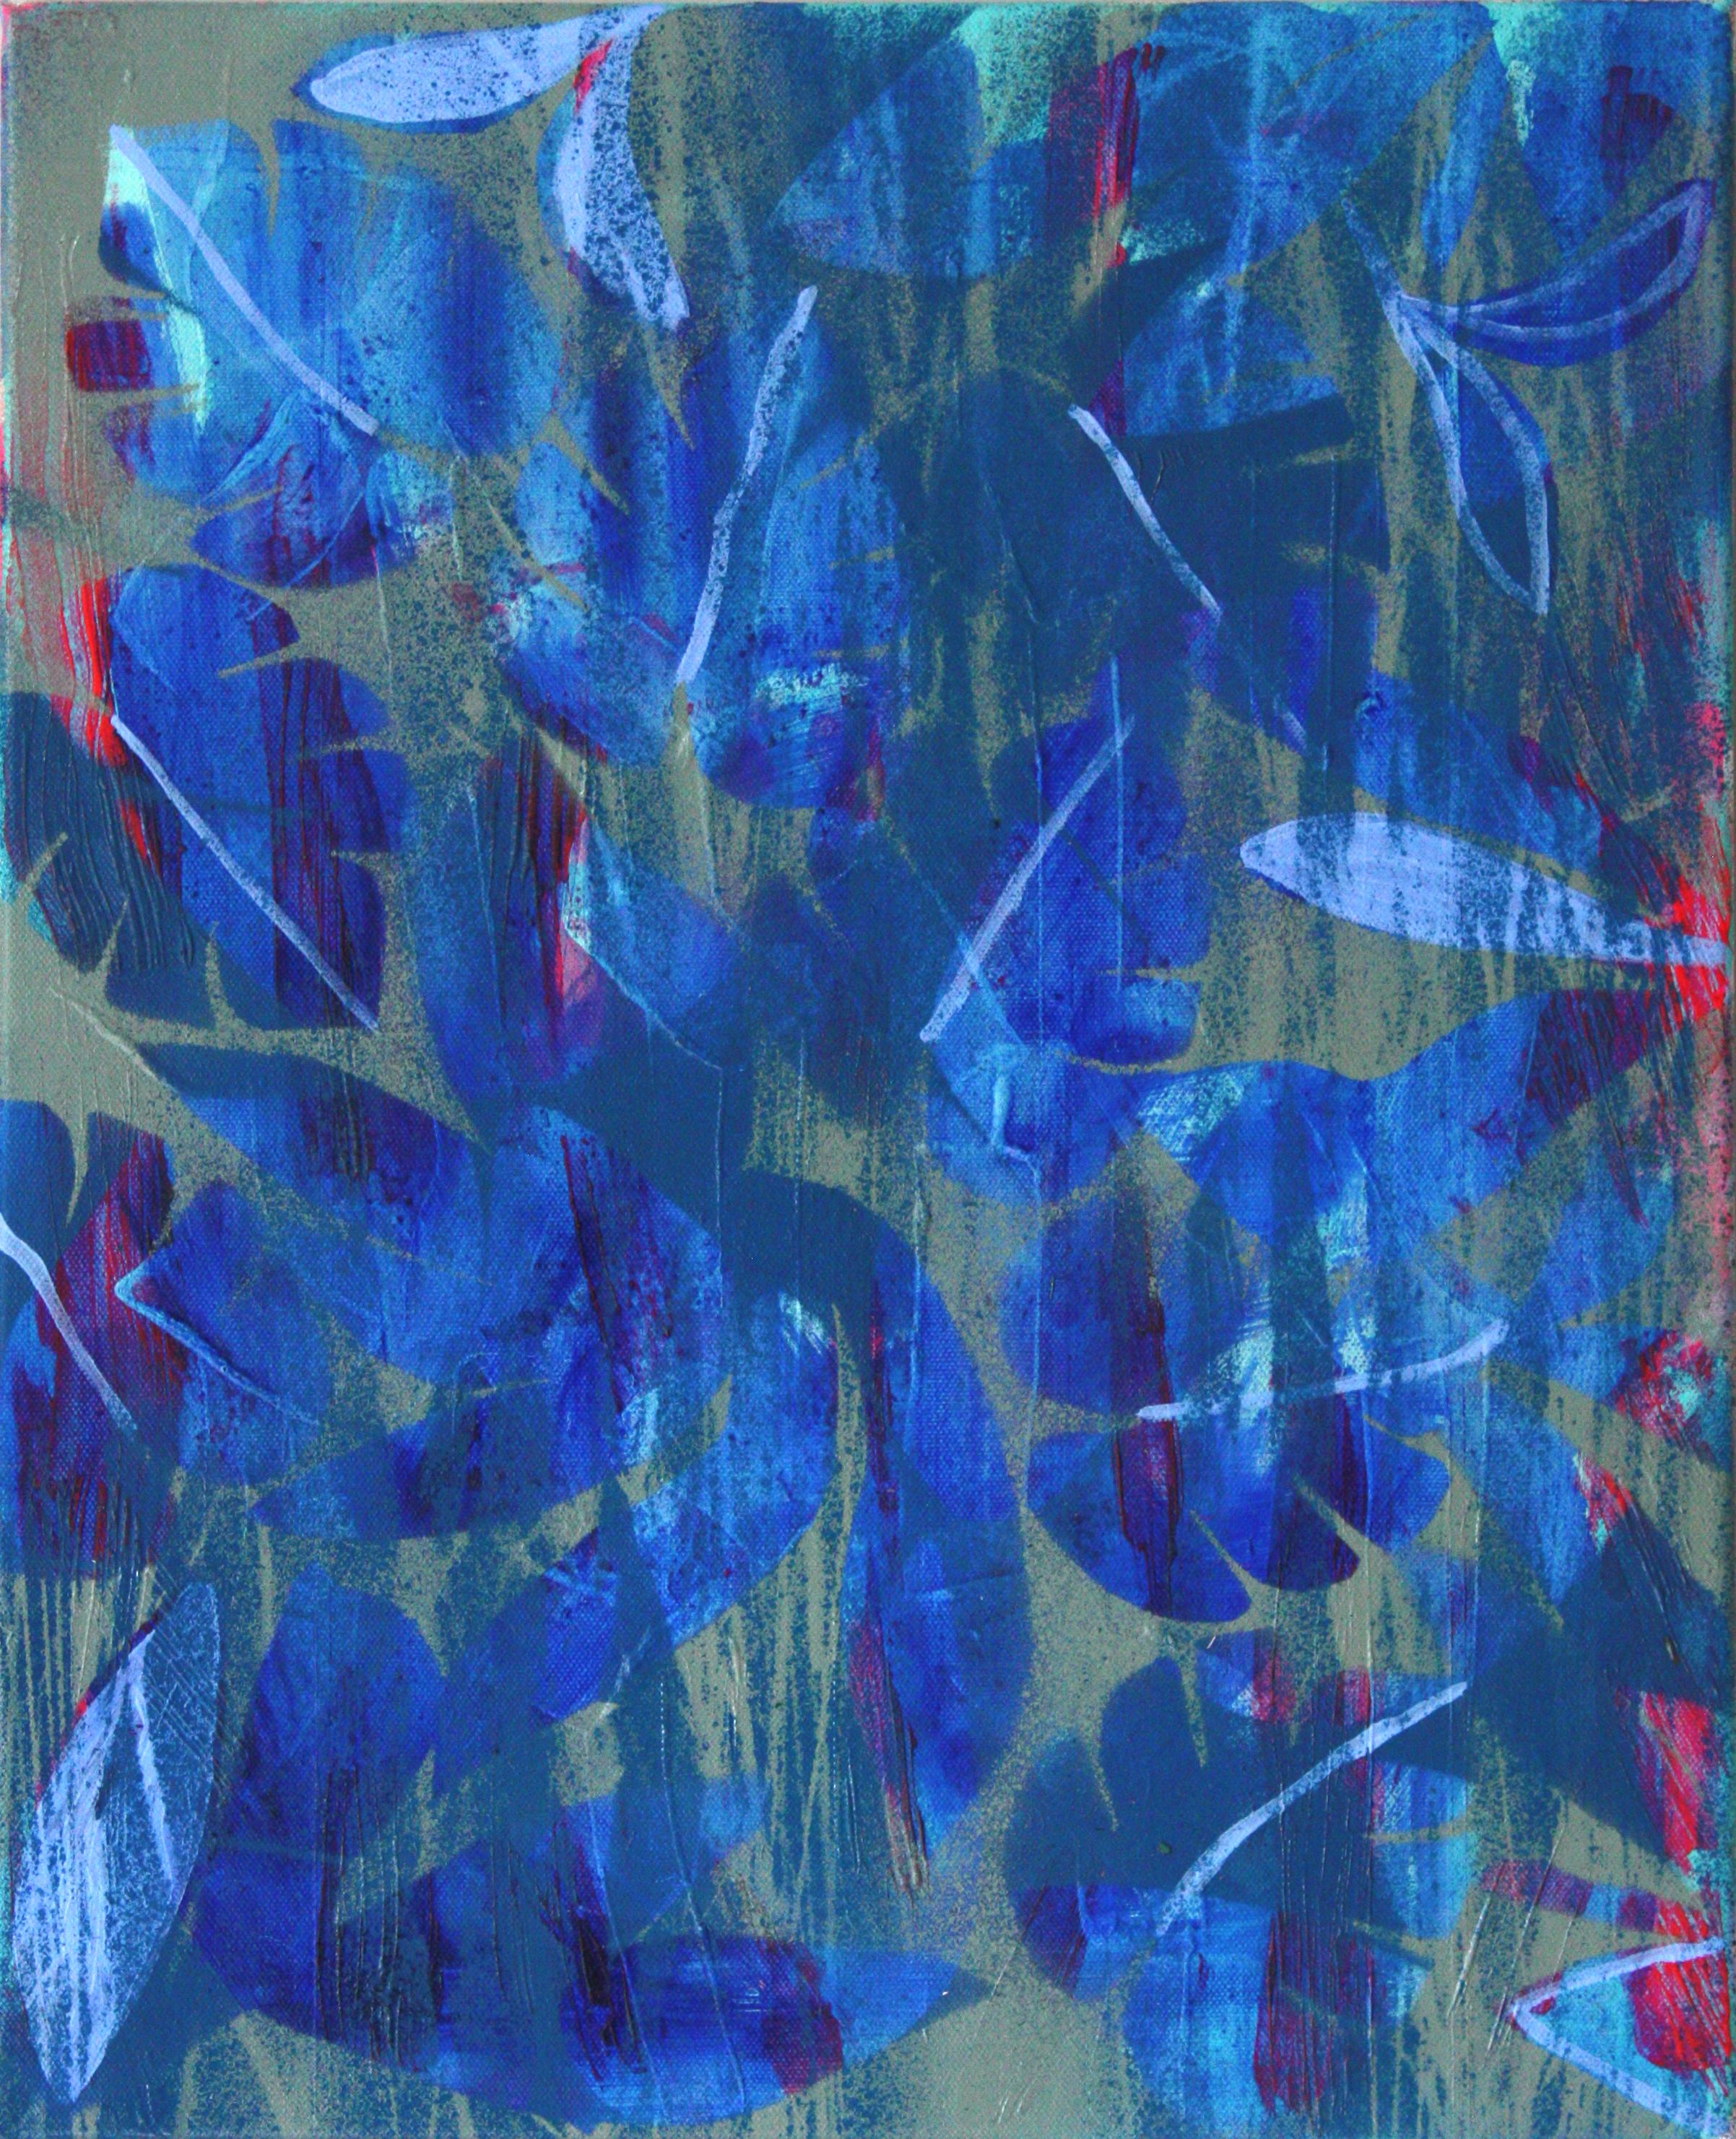 Fforest, 40 x 51cm, oil, acrylic and spray on canvas, 2019